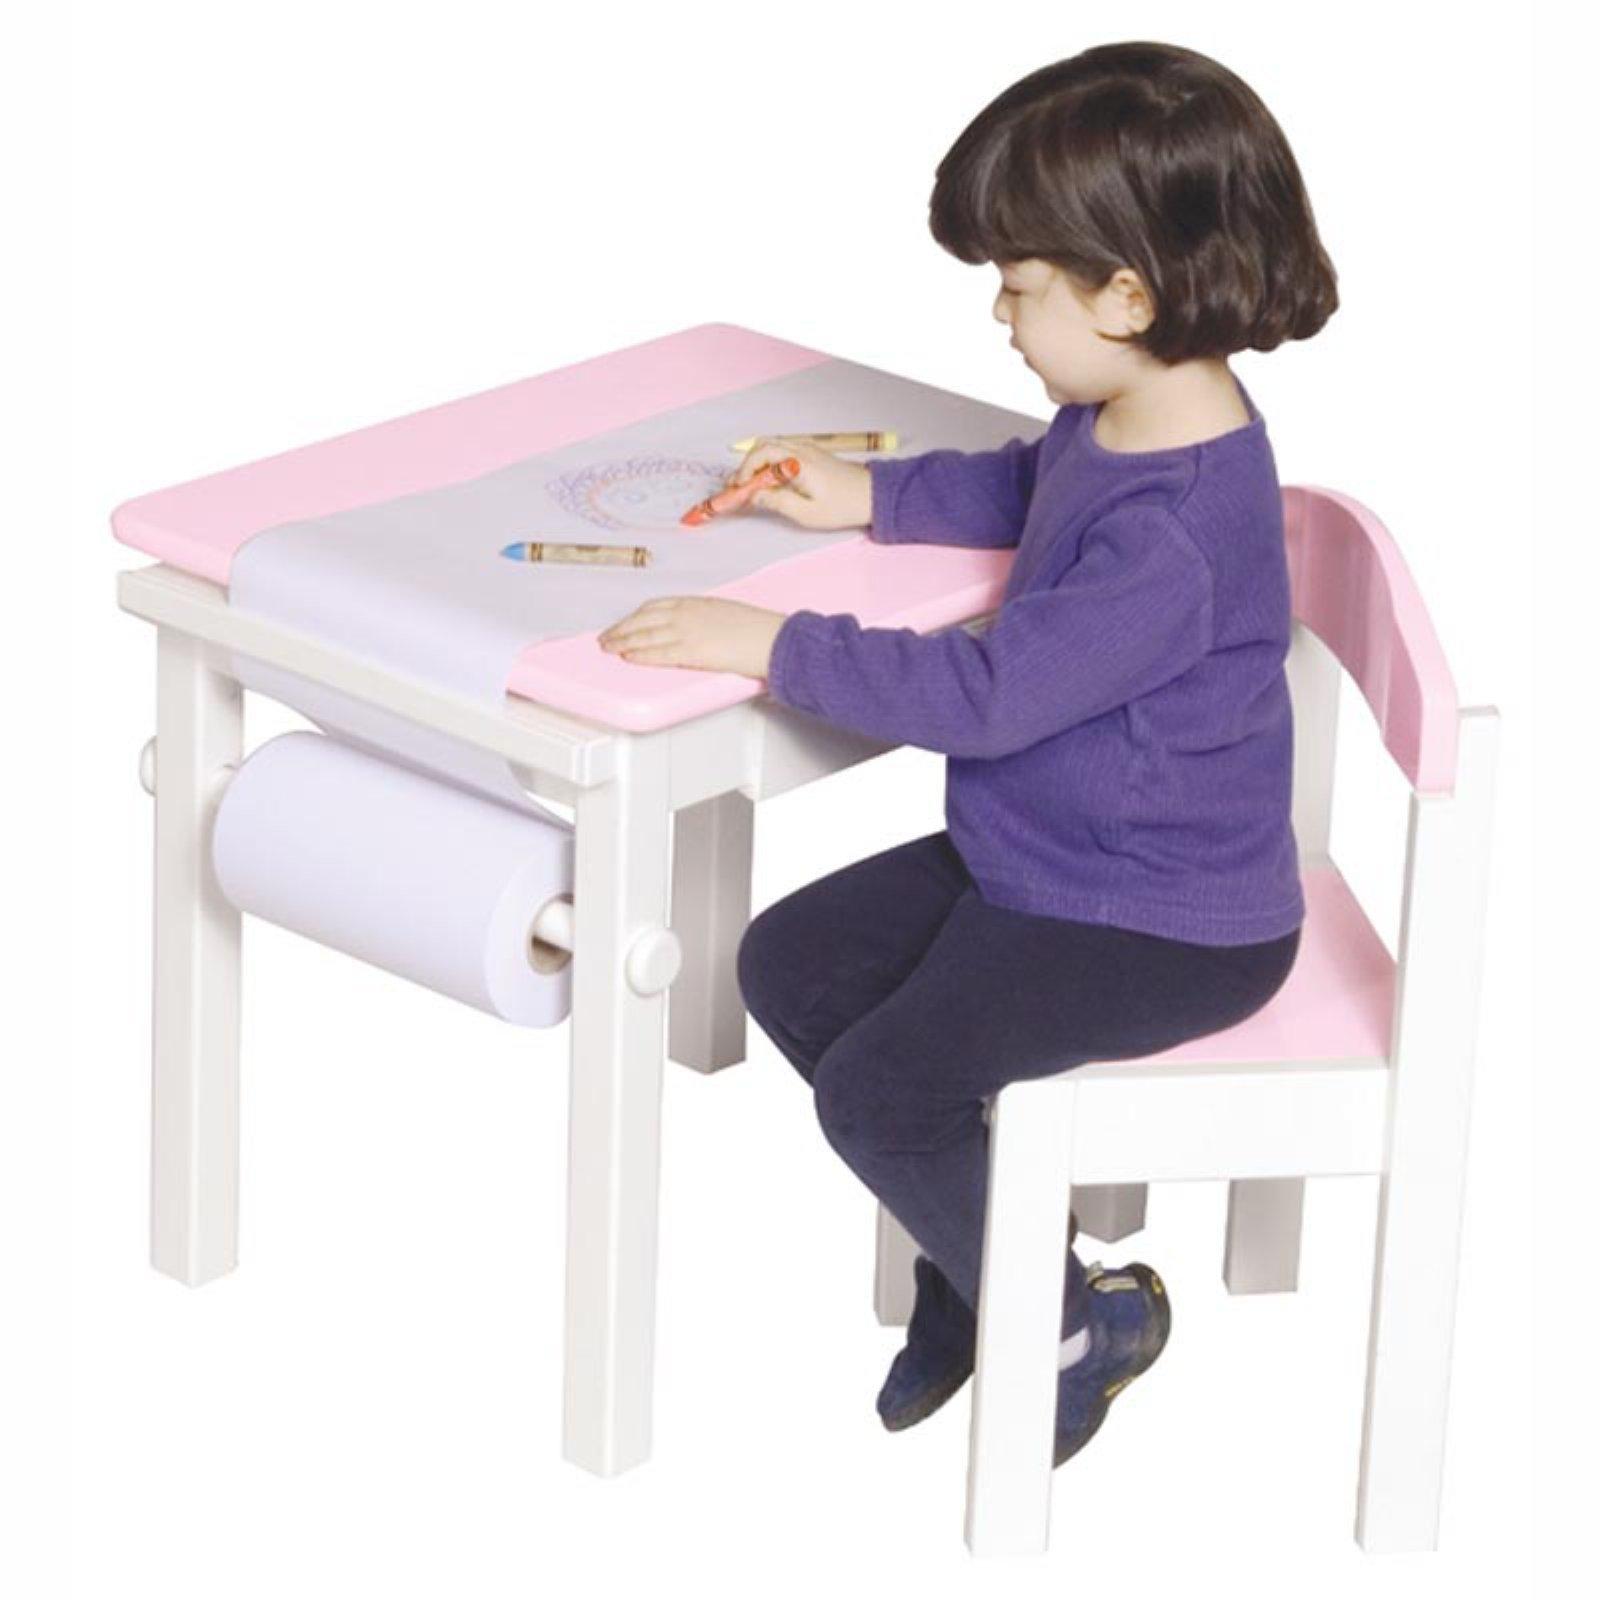 Guidecraft Art Table & Chair Set - Pink - Walmart.com